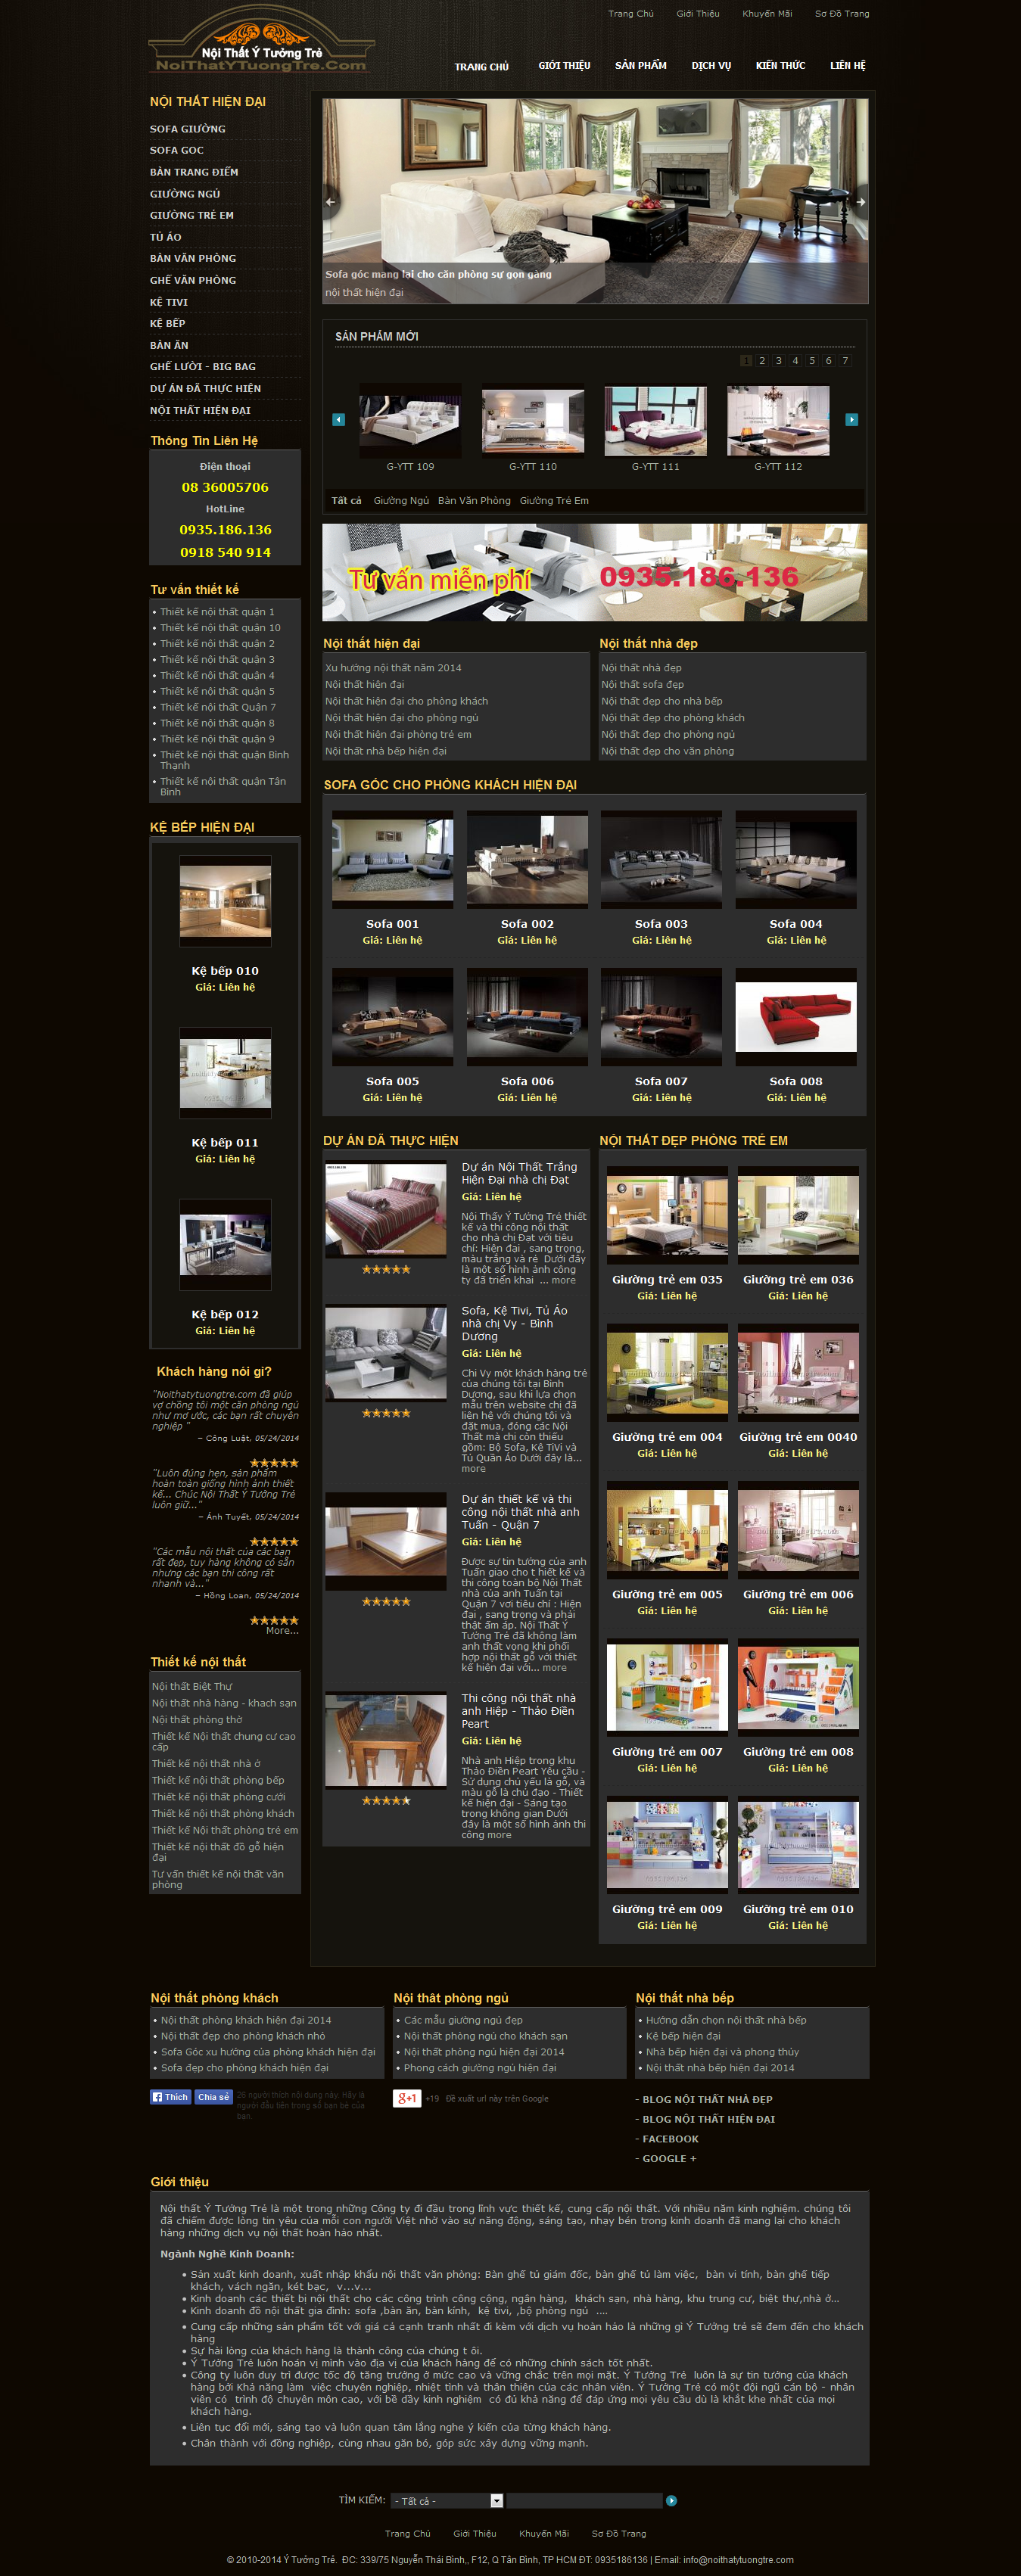 Mẫu website thi công nội thất - xây dựng 10230